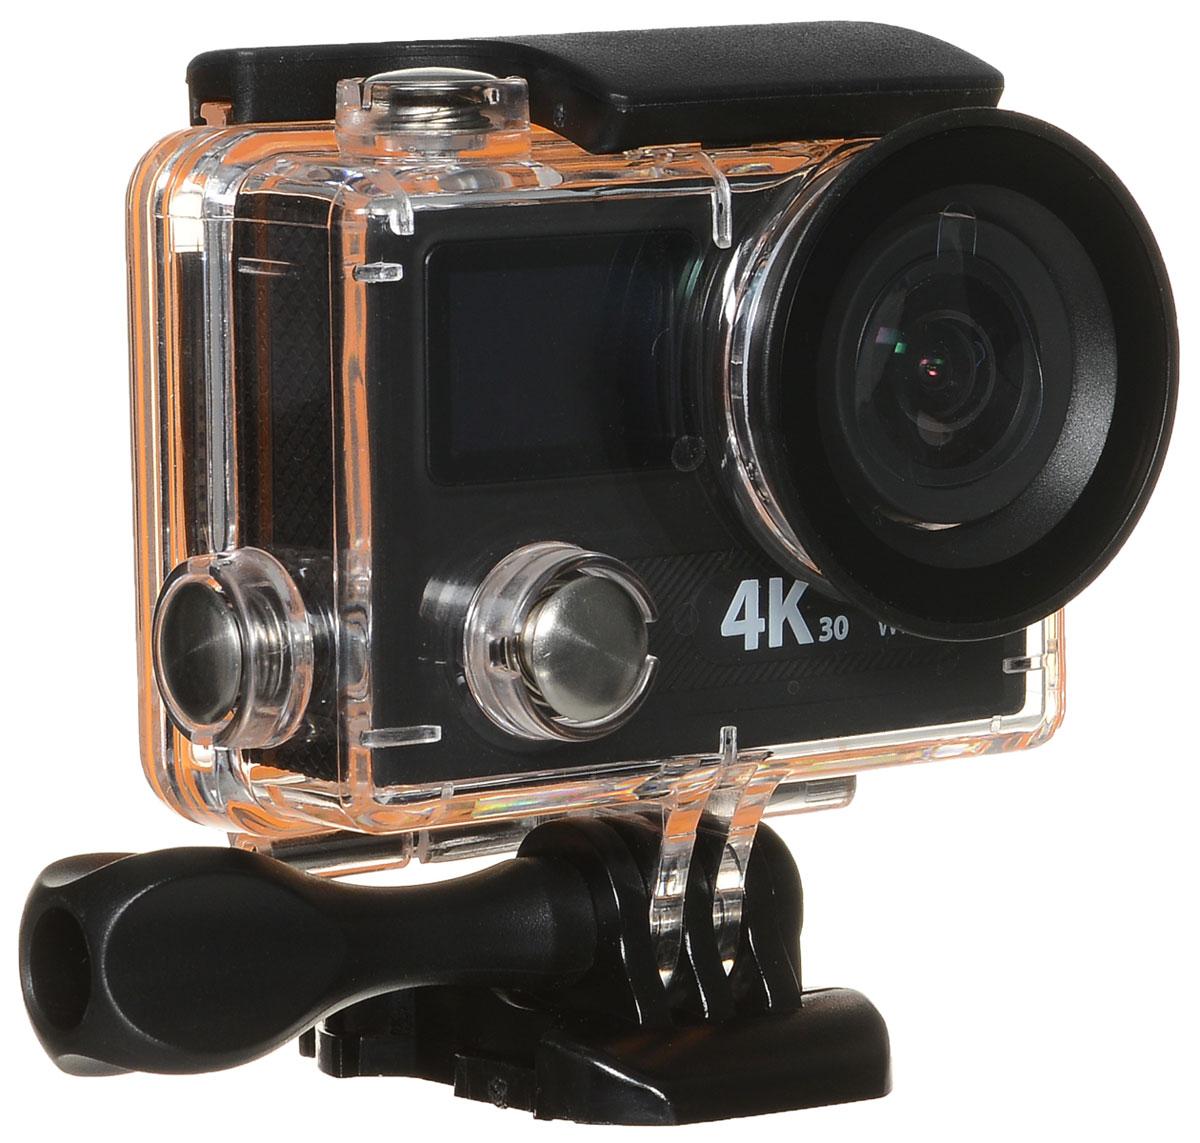 Eken H8 Ultra HD, Black экшн-камера